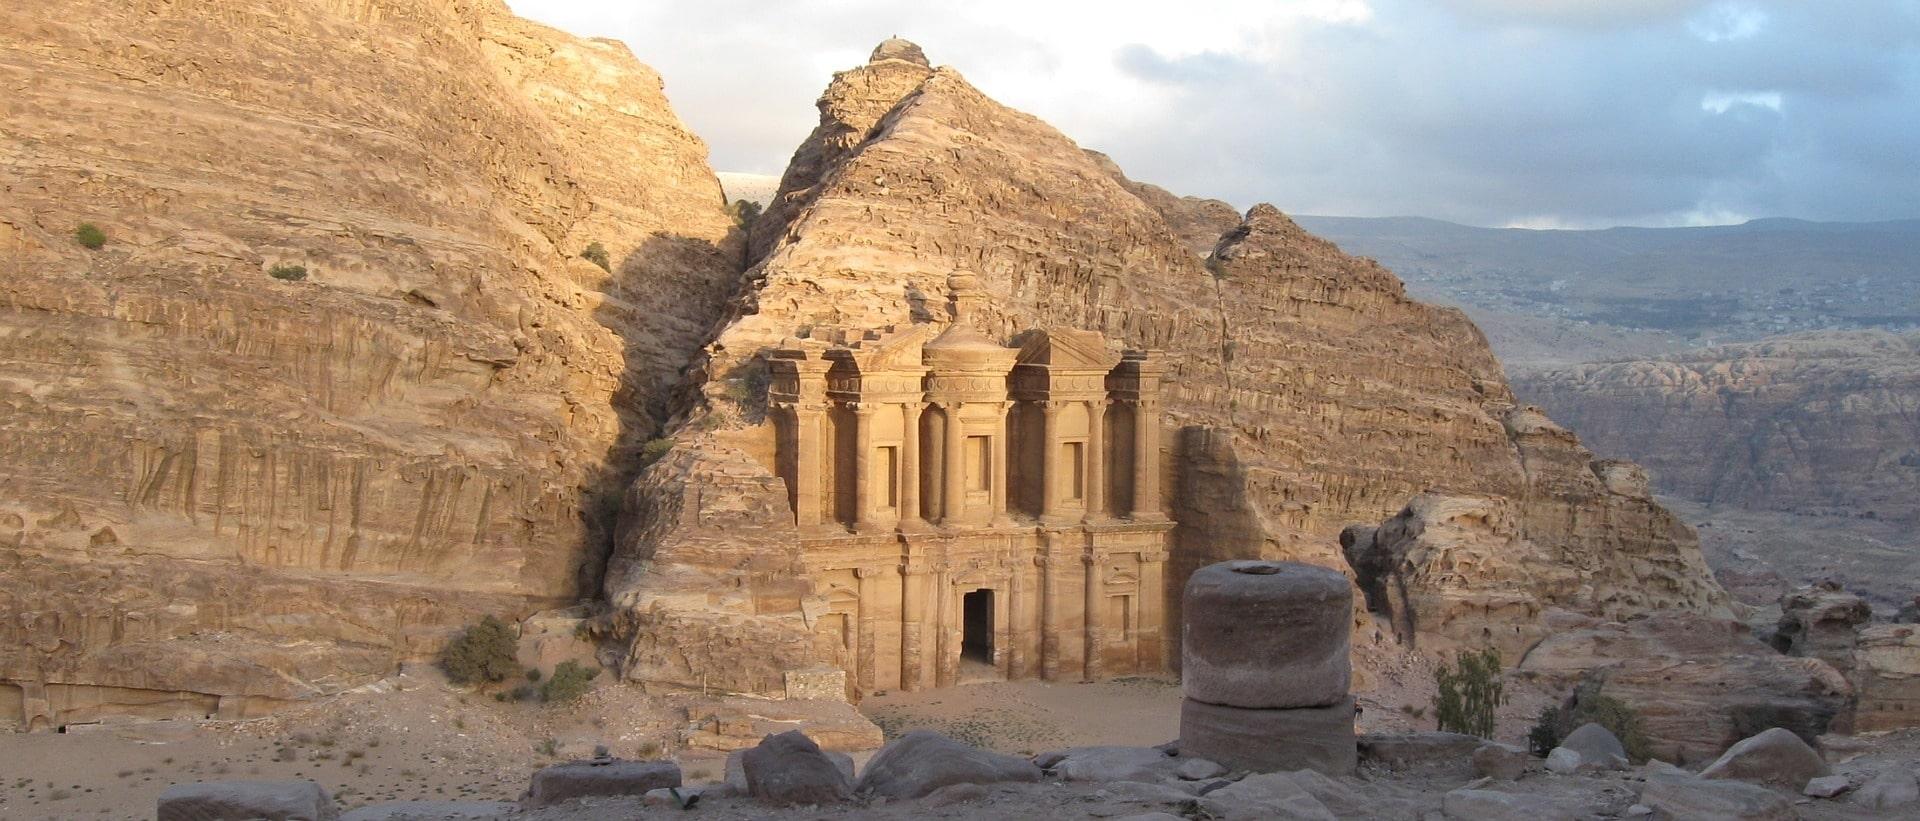 Jordan Ruins